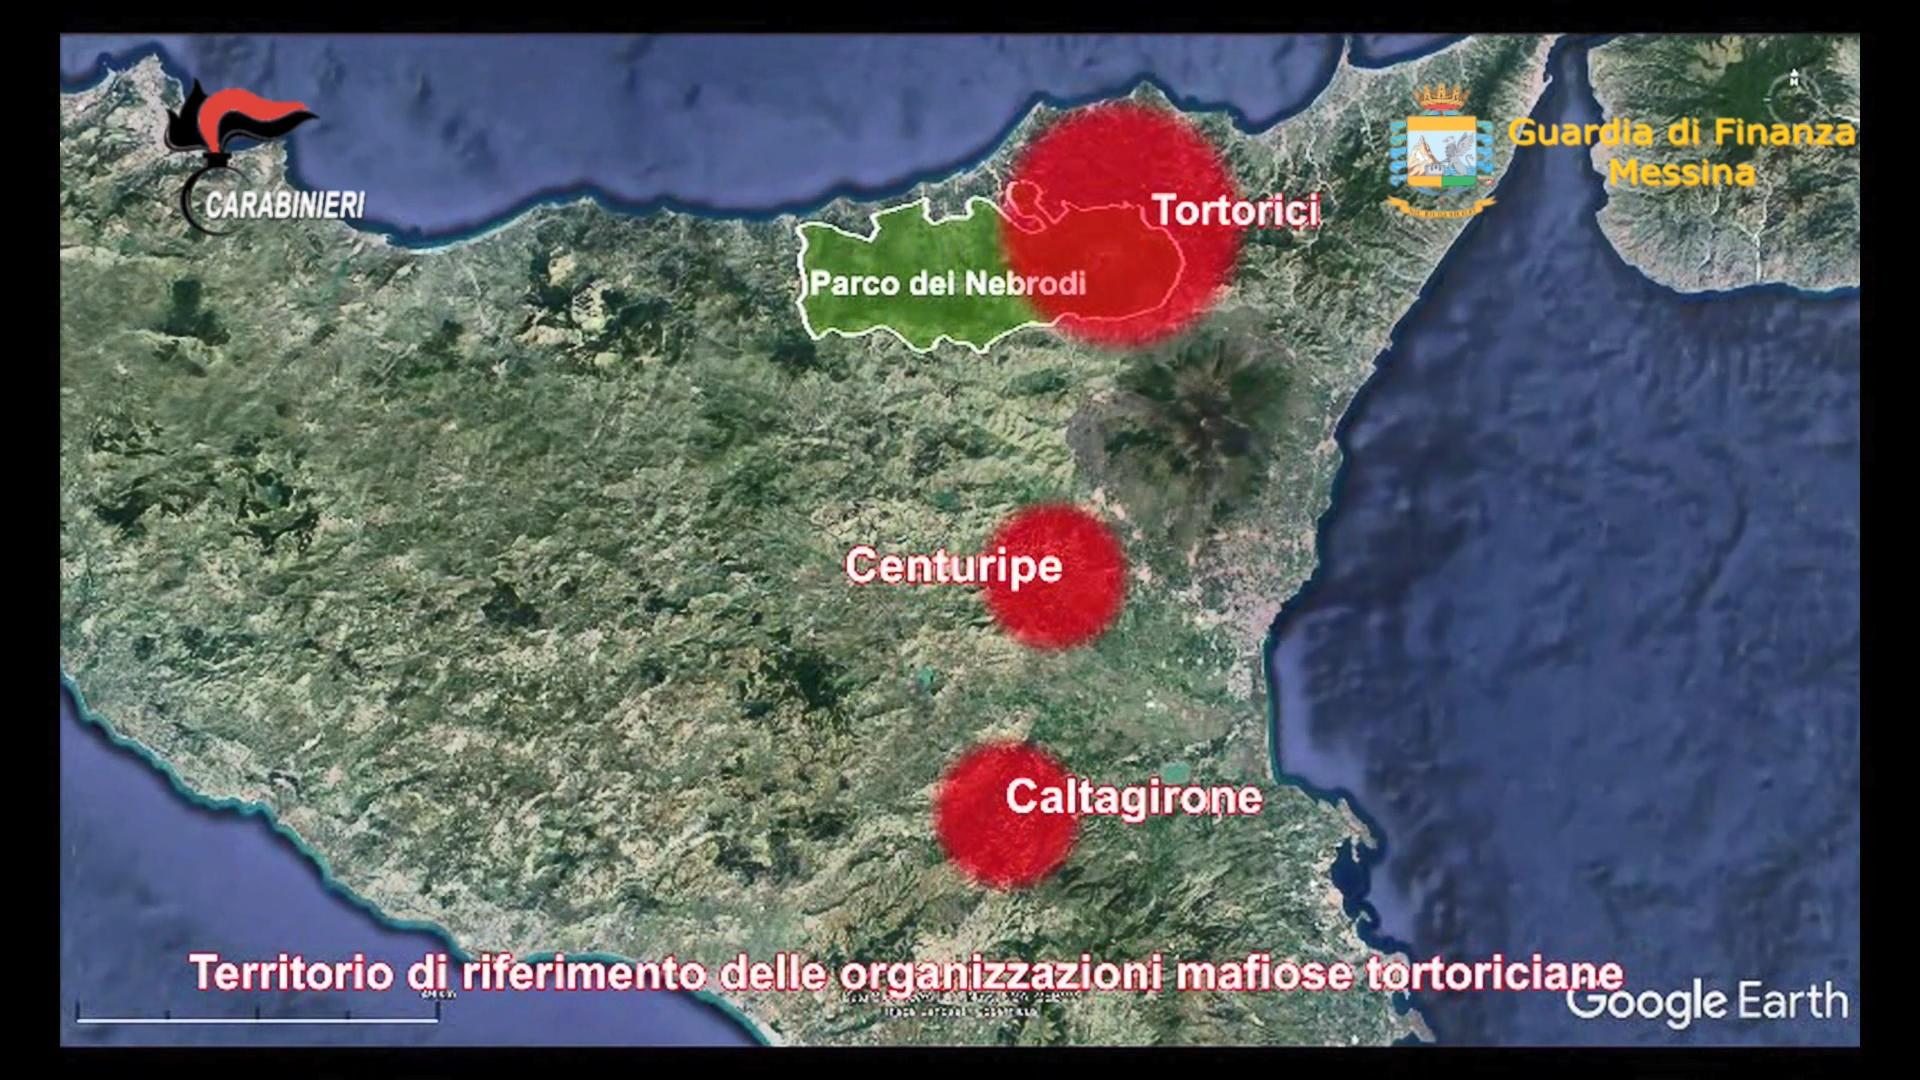 """Operazione 'Nebrodi', duro attacco alla """"mafia dei pascoli"""": 94 in manette e 151 imprese sequestrate [Dettagli e Nomi]"""